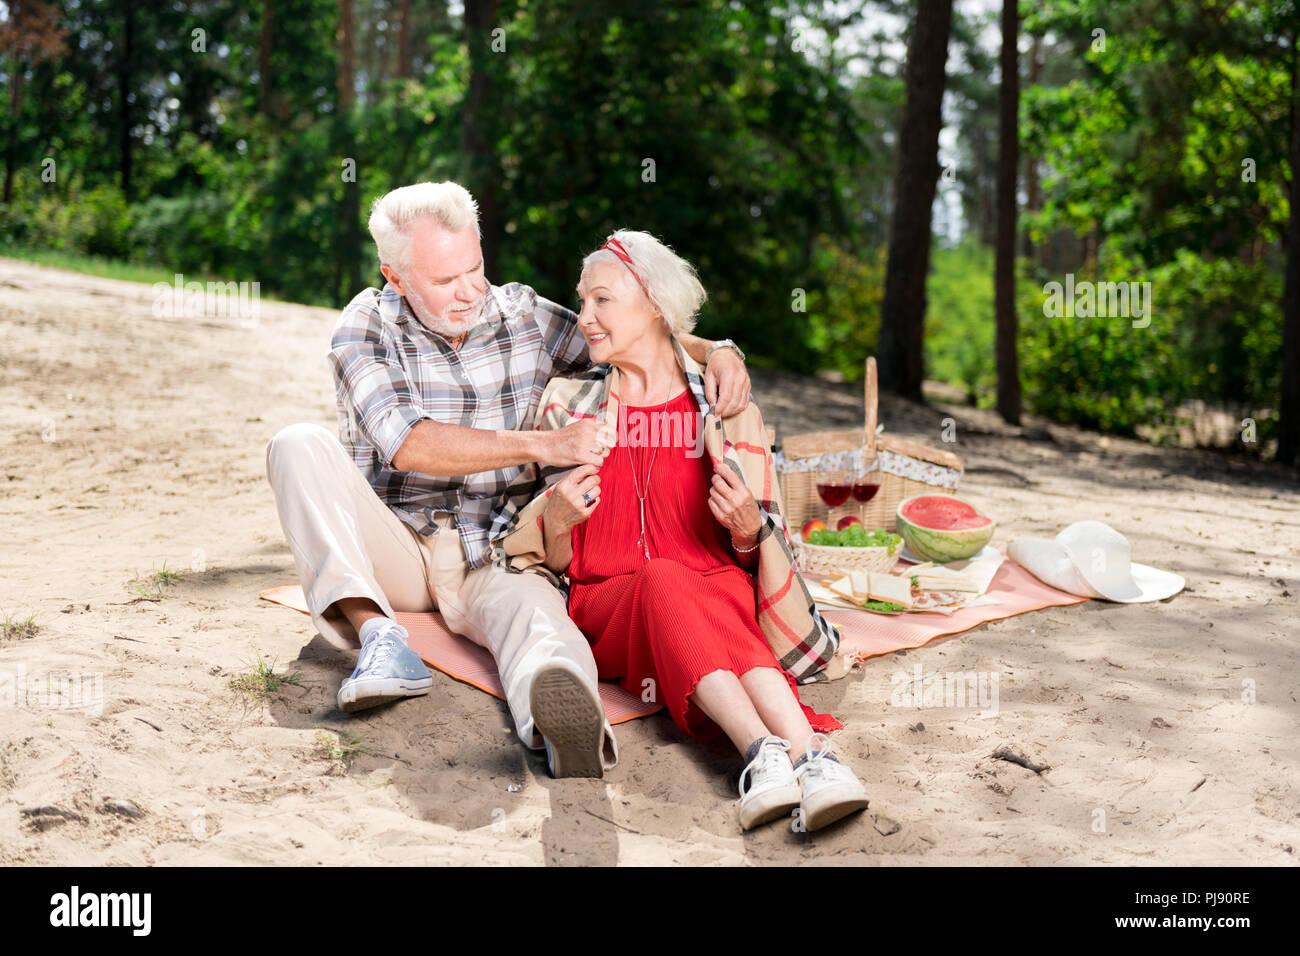 Cuidado anciano marido poniendo tartan plaid sobre su esposa hombros Imagen De Stock